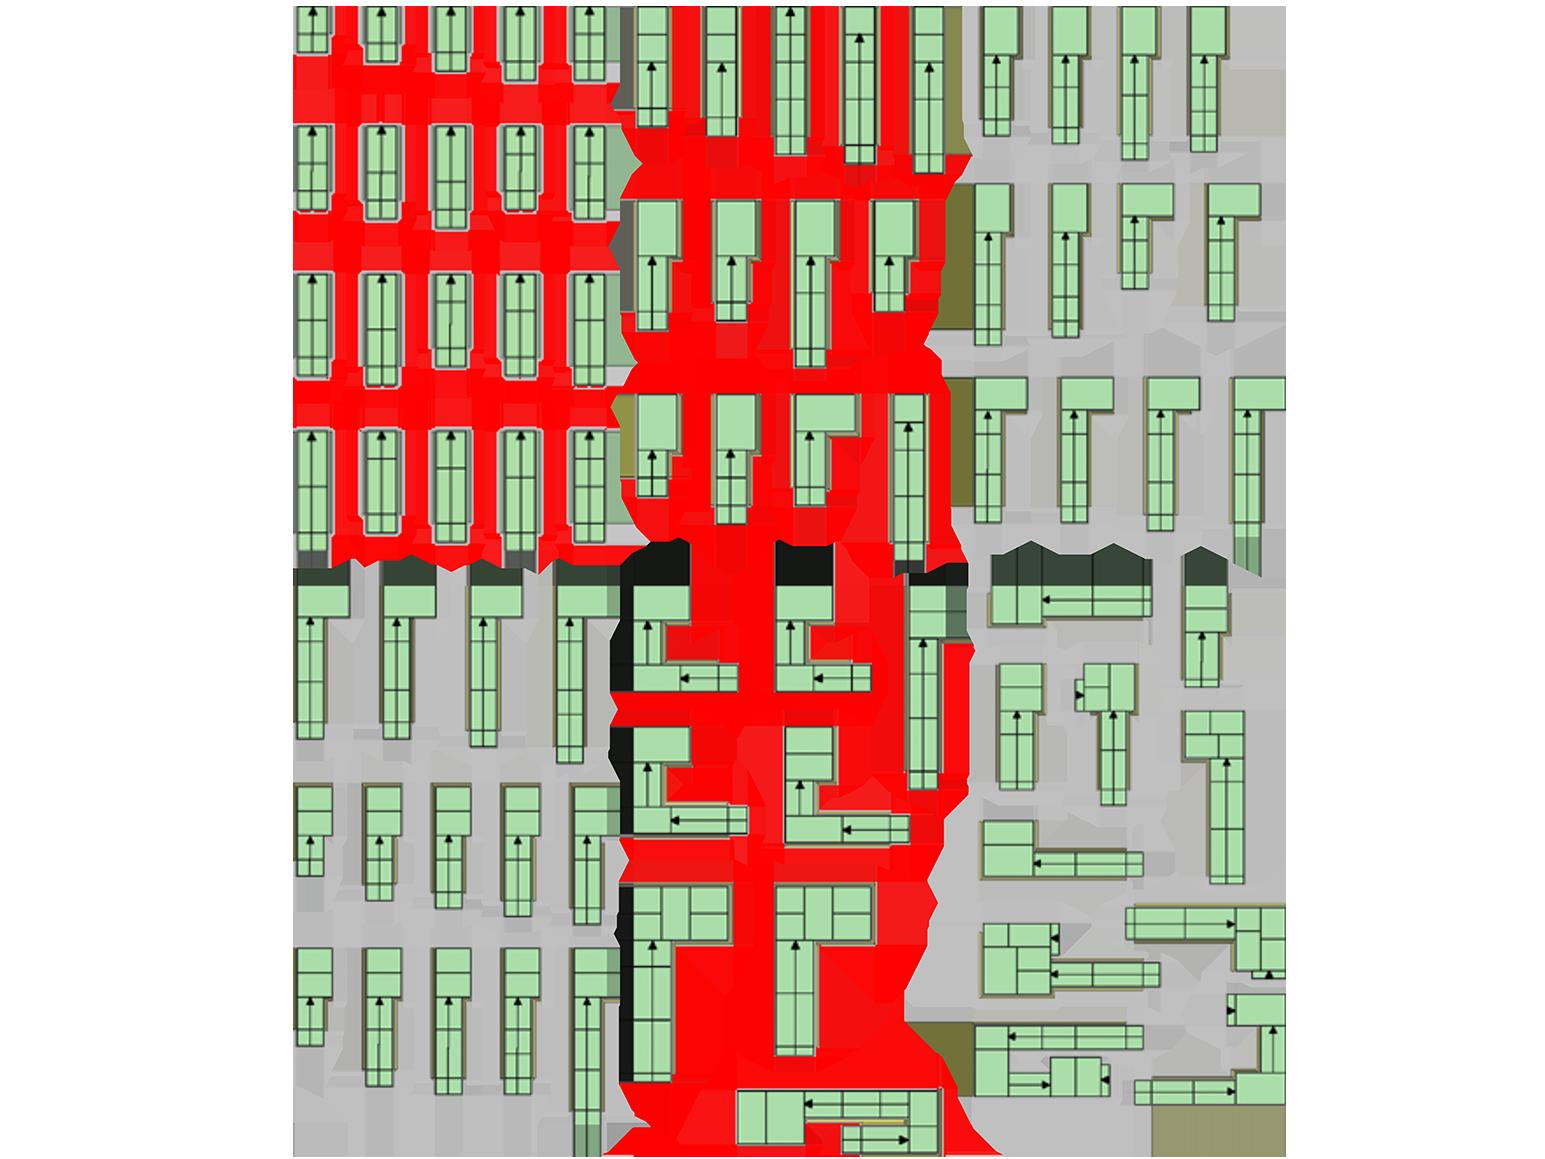 En modulrampe med 999 liv